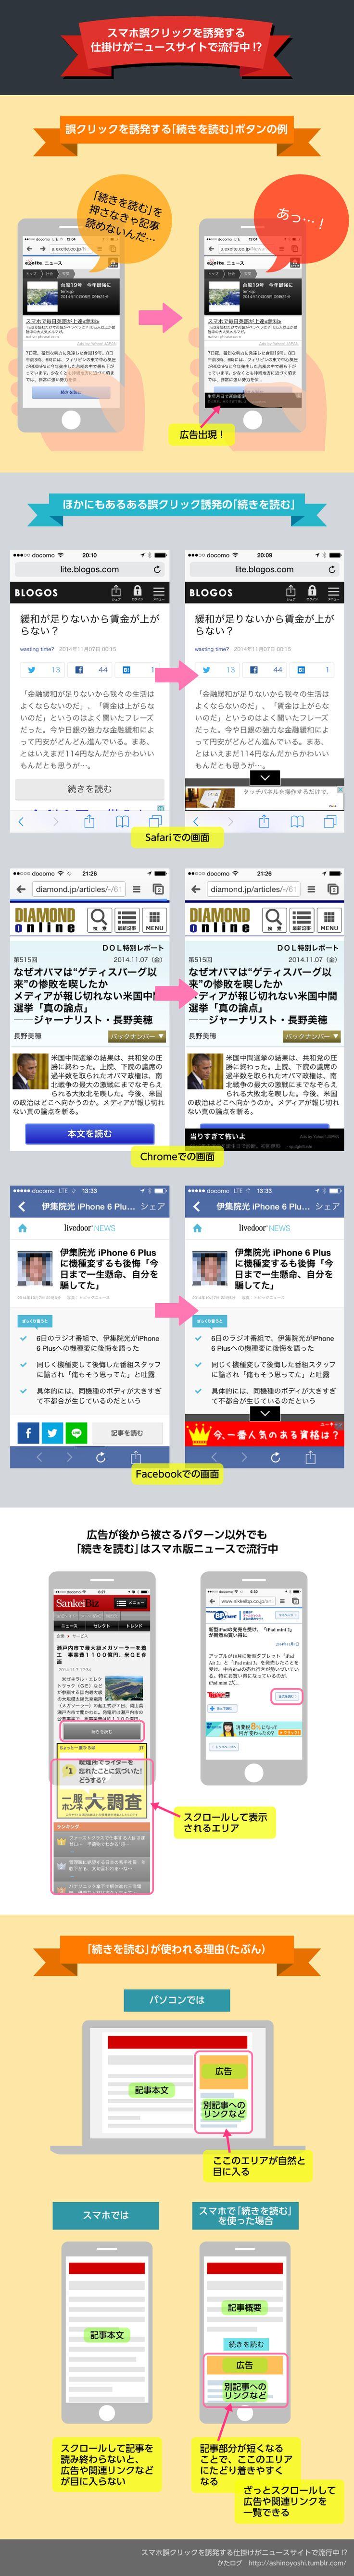 スマホ誤クリックを誘発する仕掛けがニュースサイトで流行中